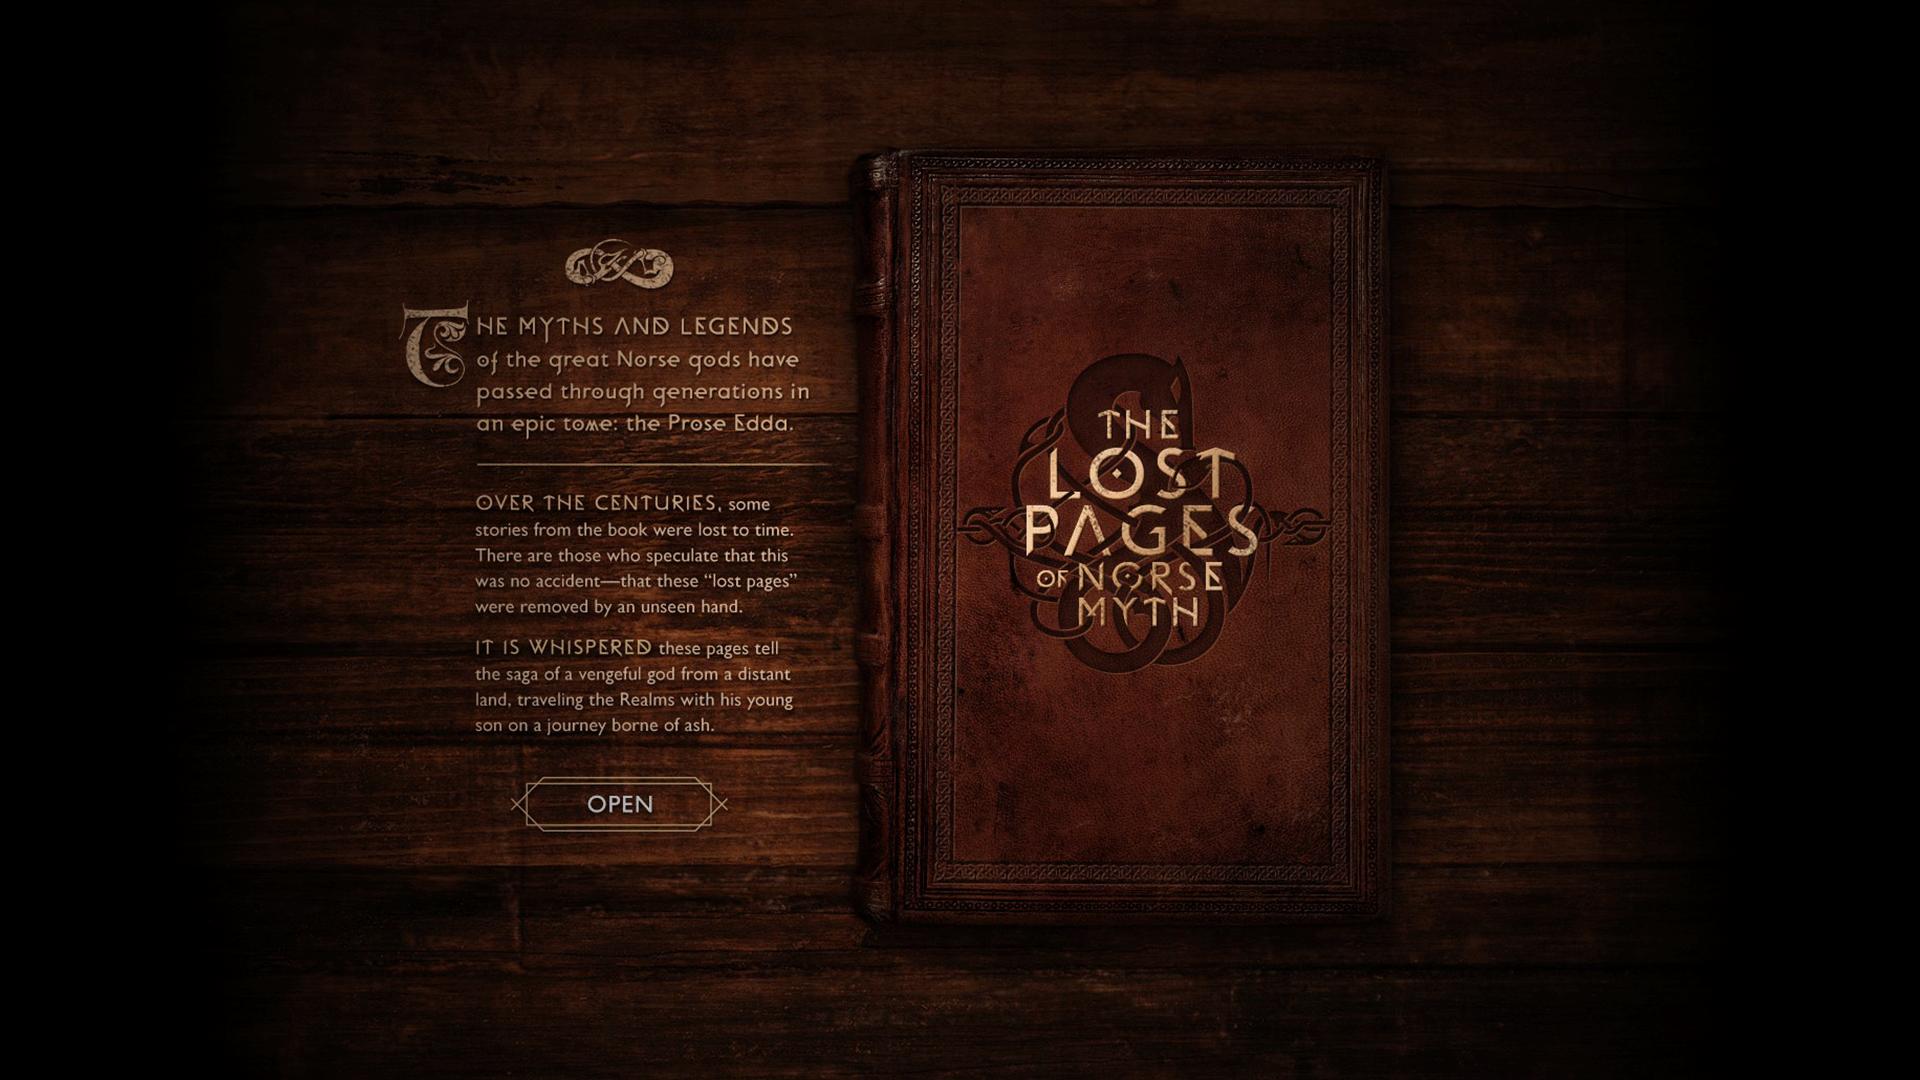 LostPages_0000_1.png